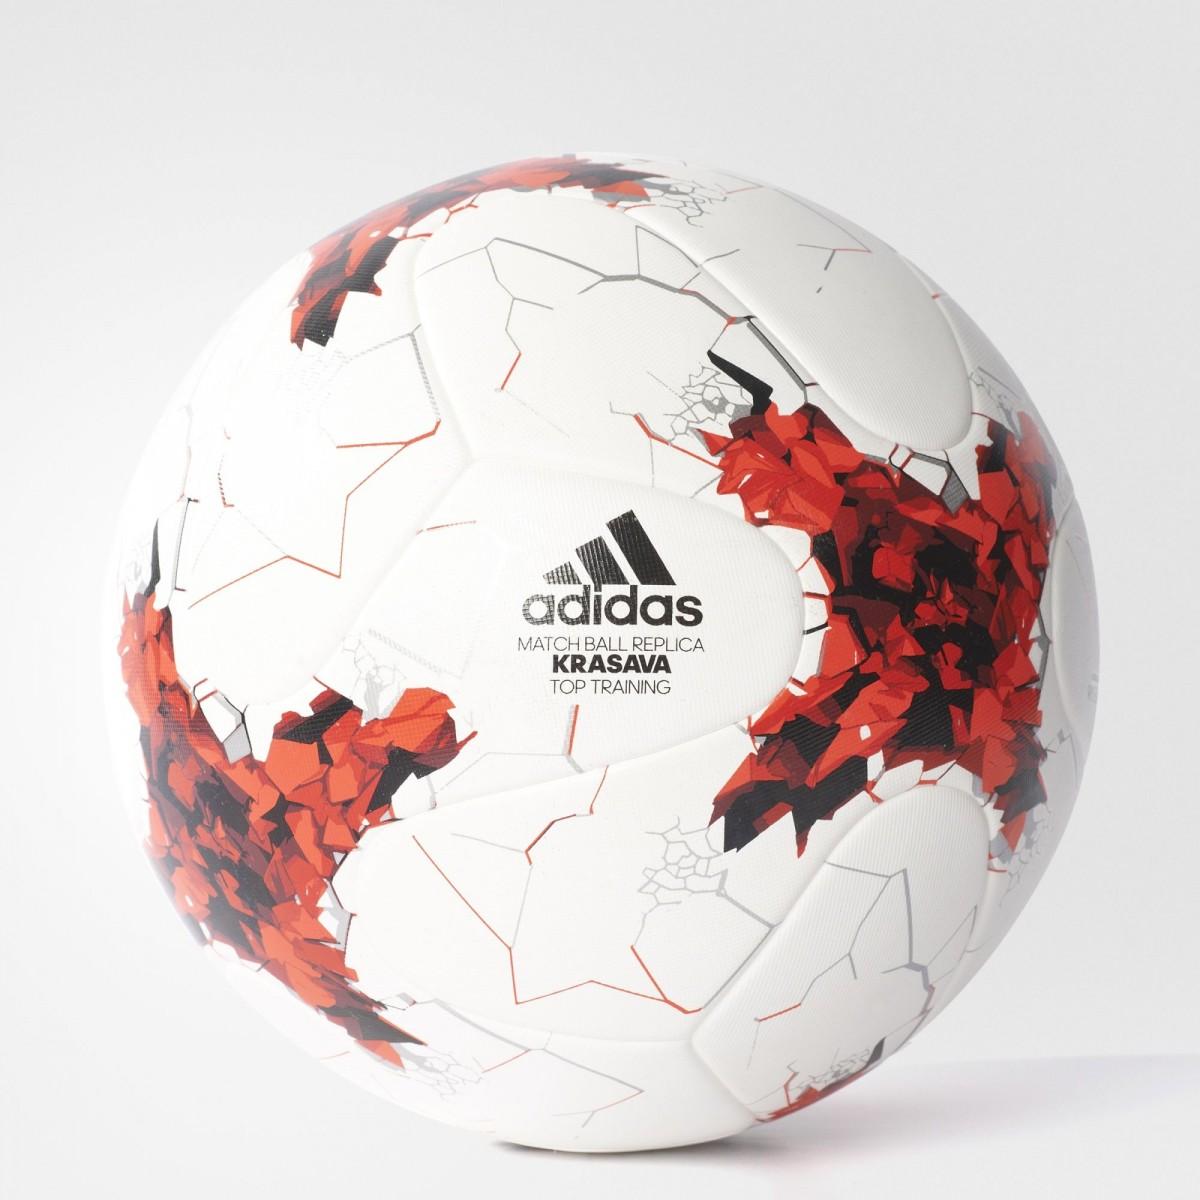 fd1711044b7de Bizz Store - Bola Futebol de Campo Adidas Krasava Oficial